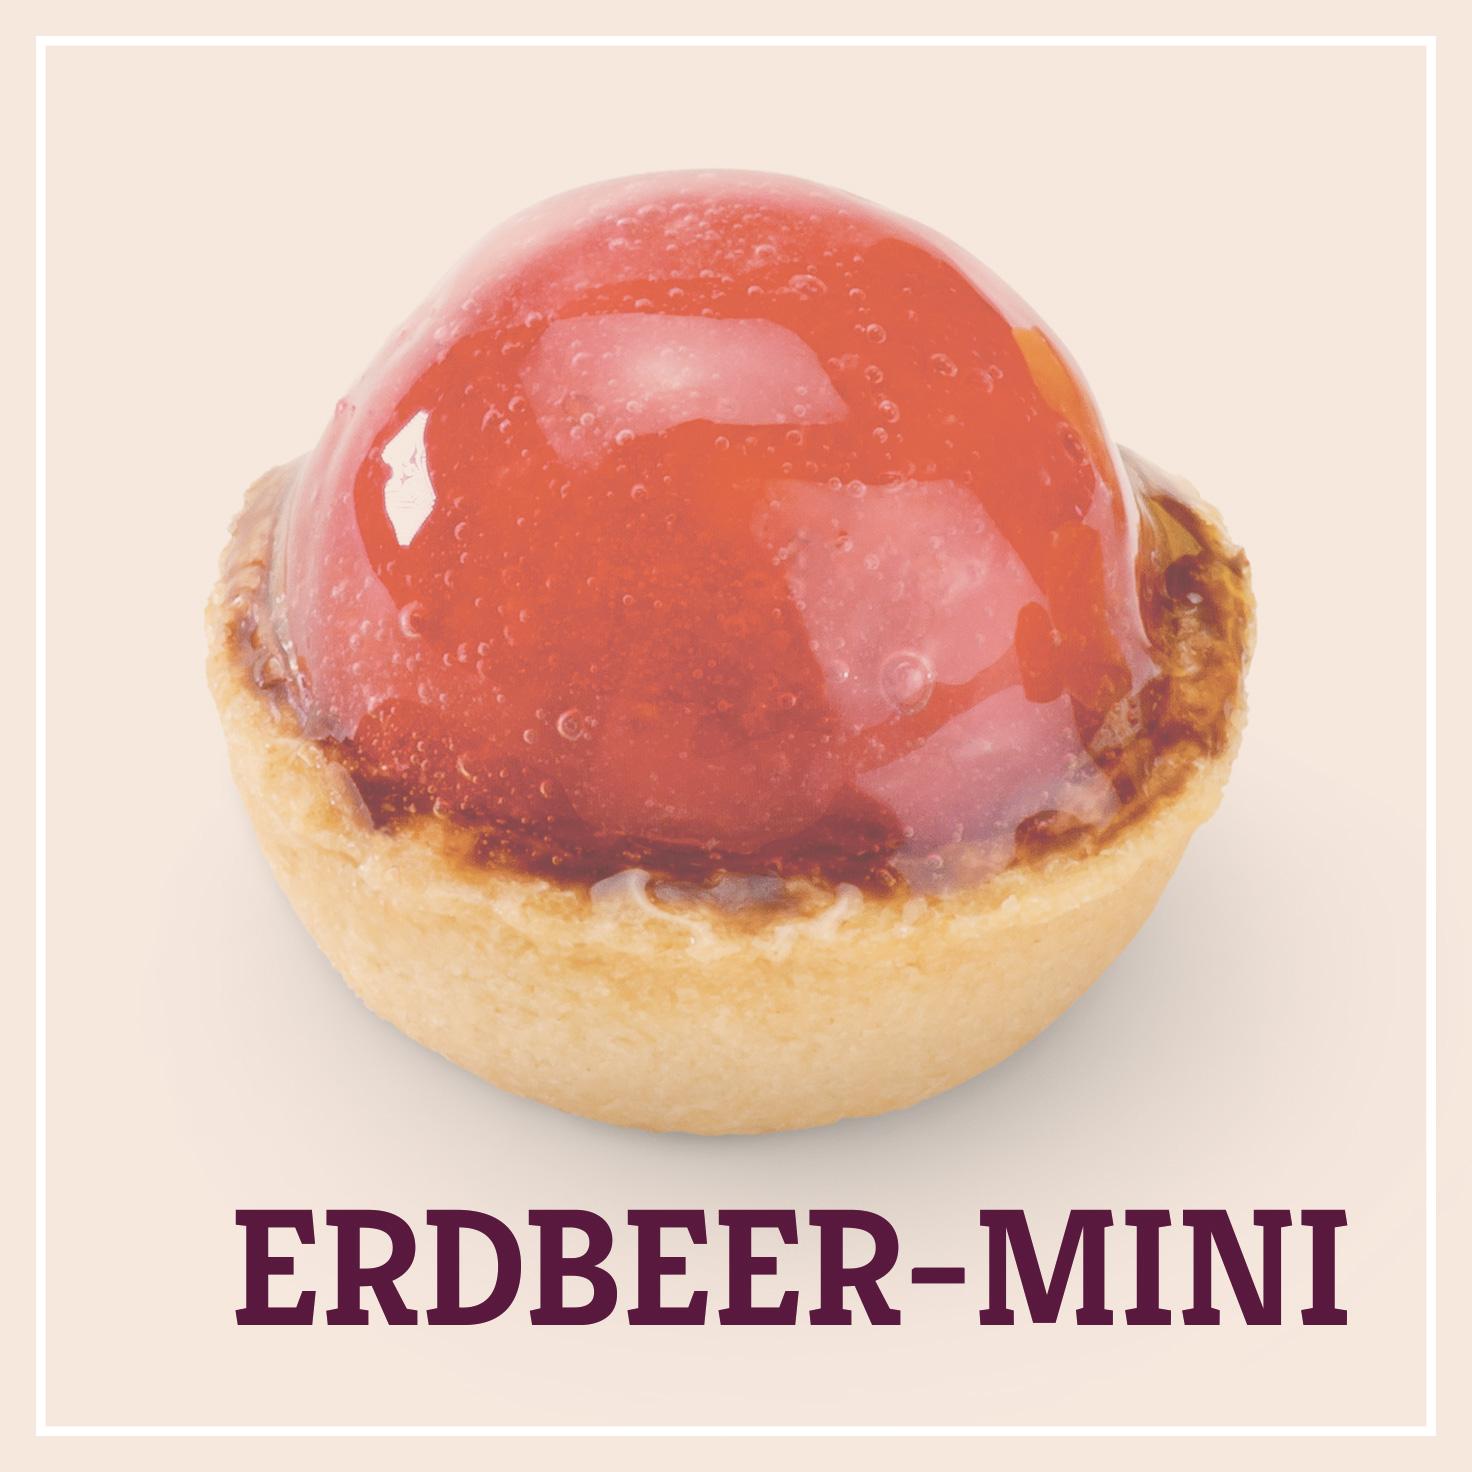 Heiss & Süß - Petit Fours - Erdbeer-Minii